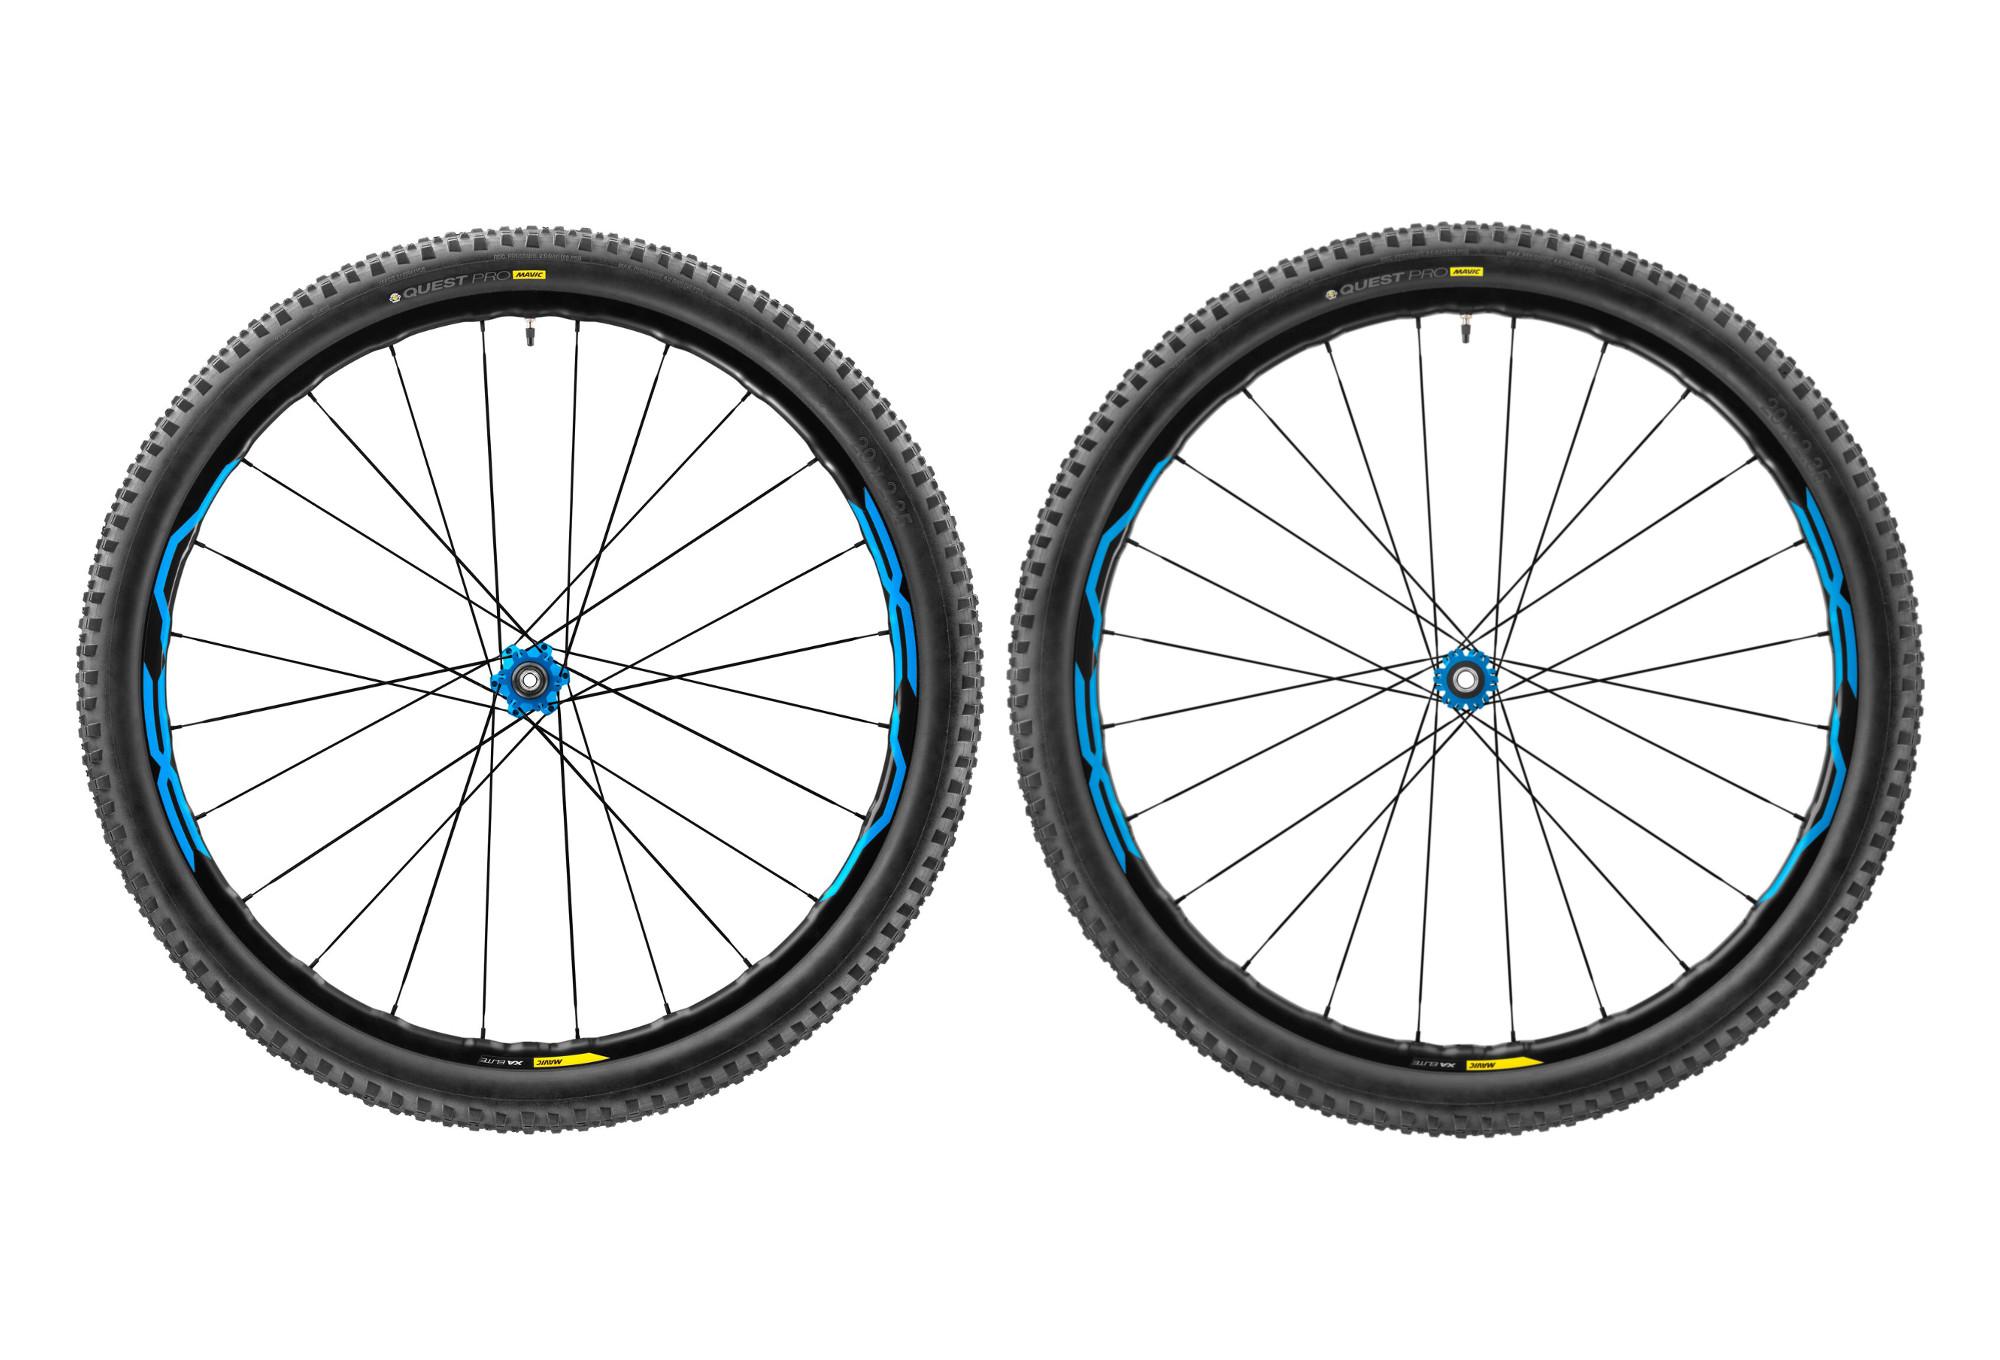 fb4ad0a1e4e MTB Wheels MAVIC XA Elite 29